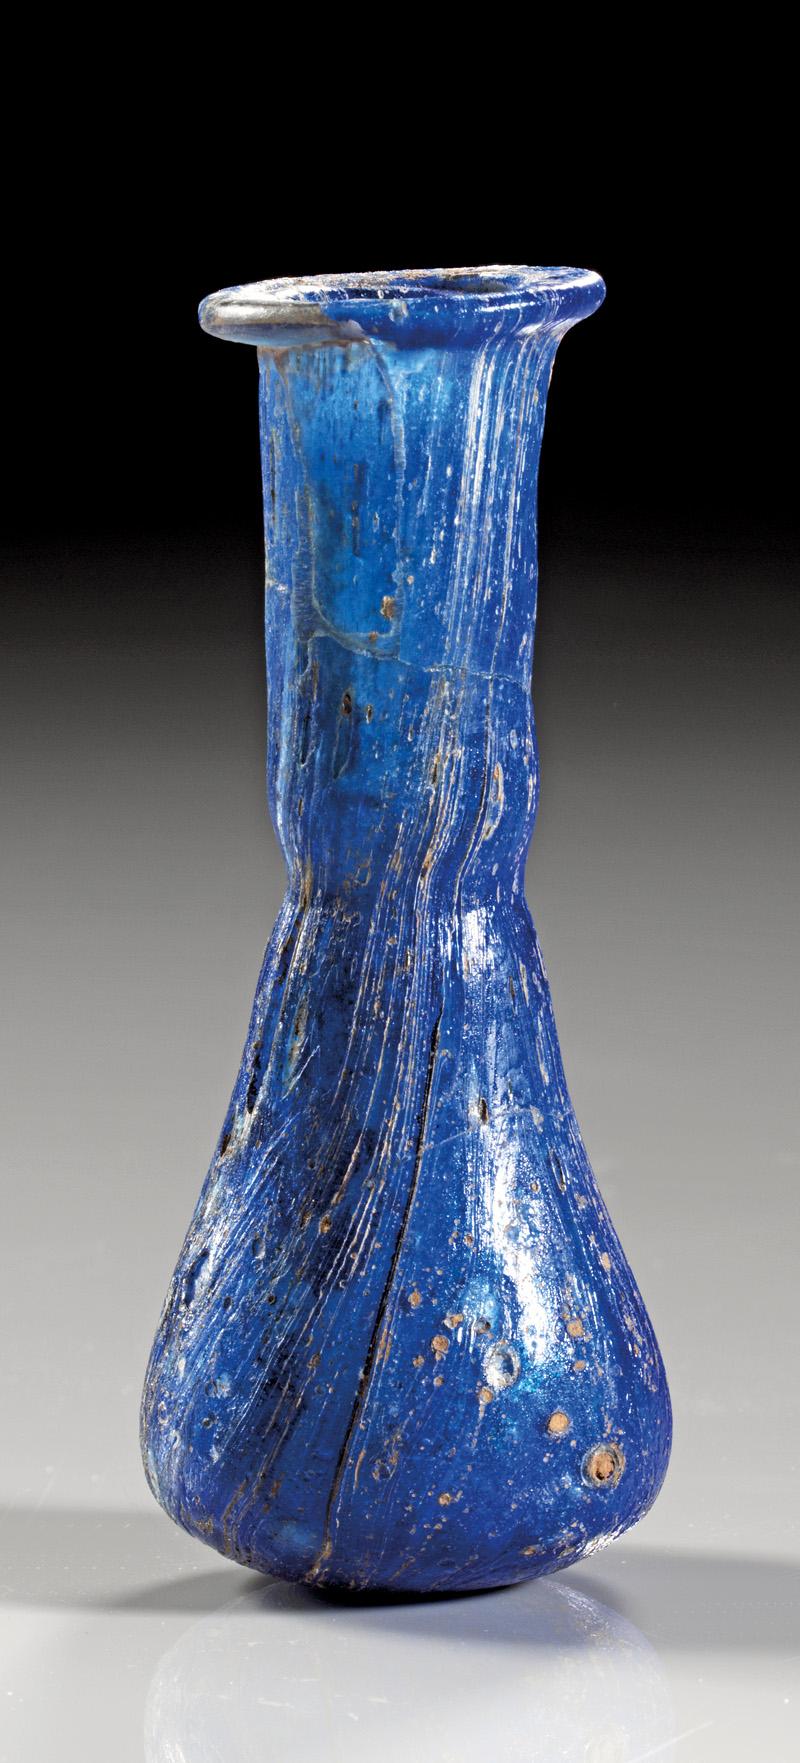 Lot 23 - objekte aus glas  -  Gerhard Hirsch Nachfolger Auktion 335 Antike Kunstobjekte